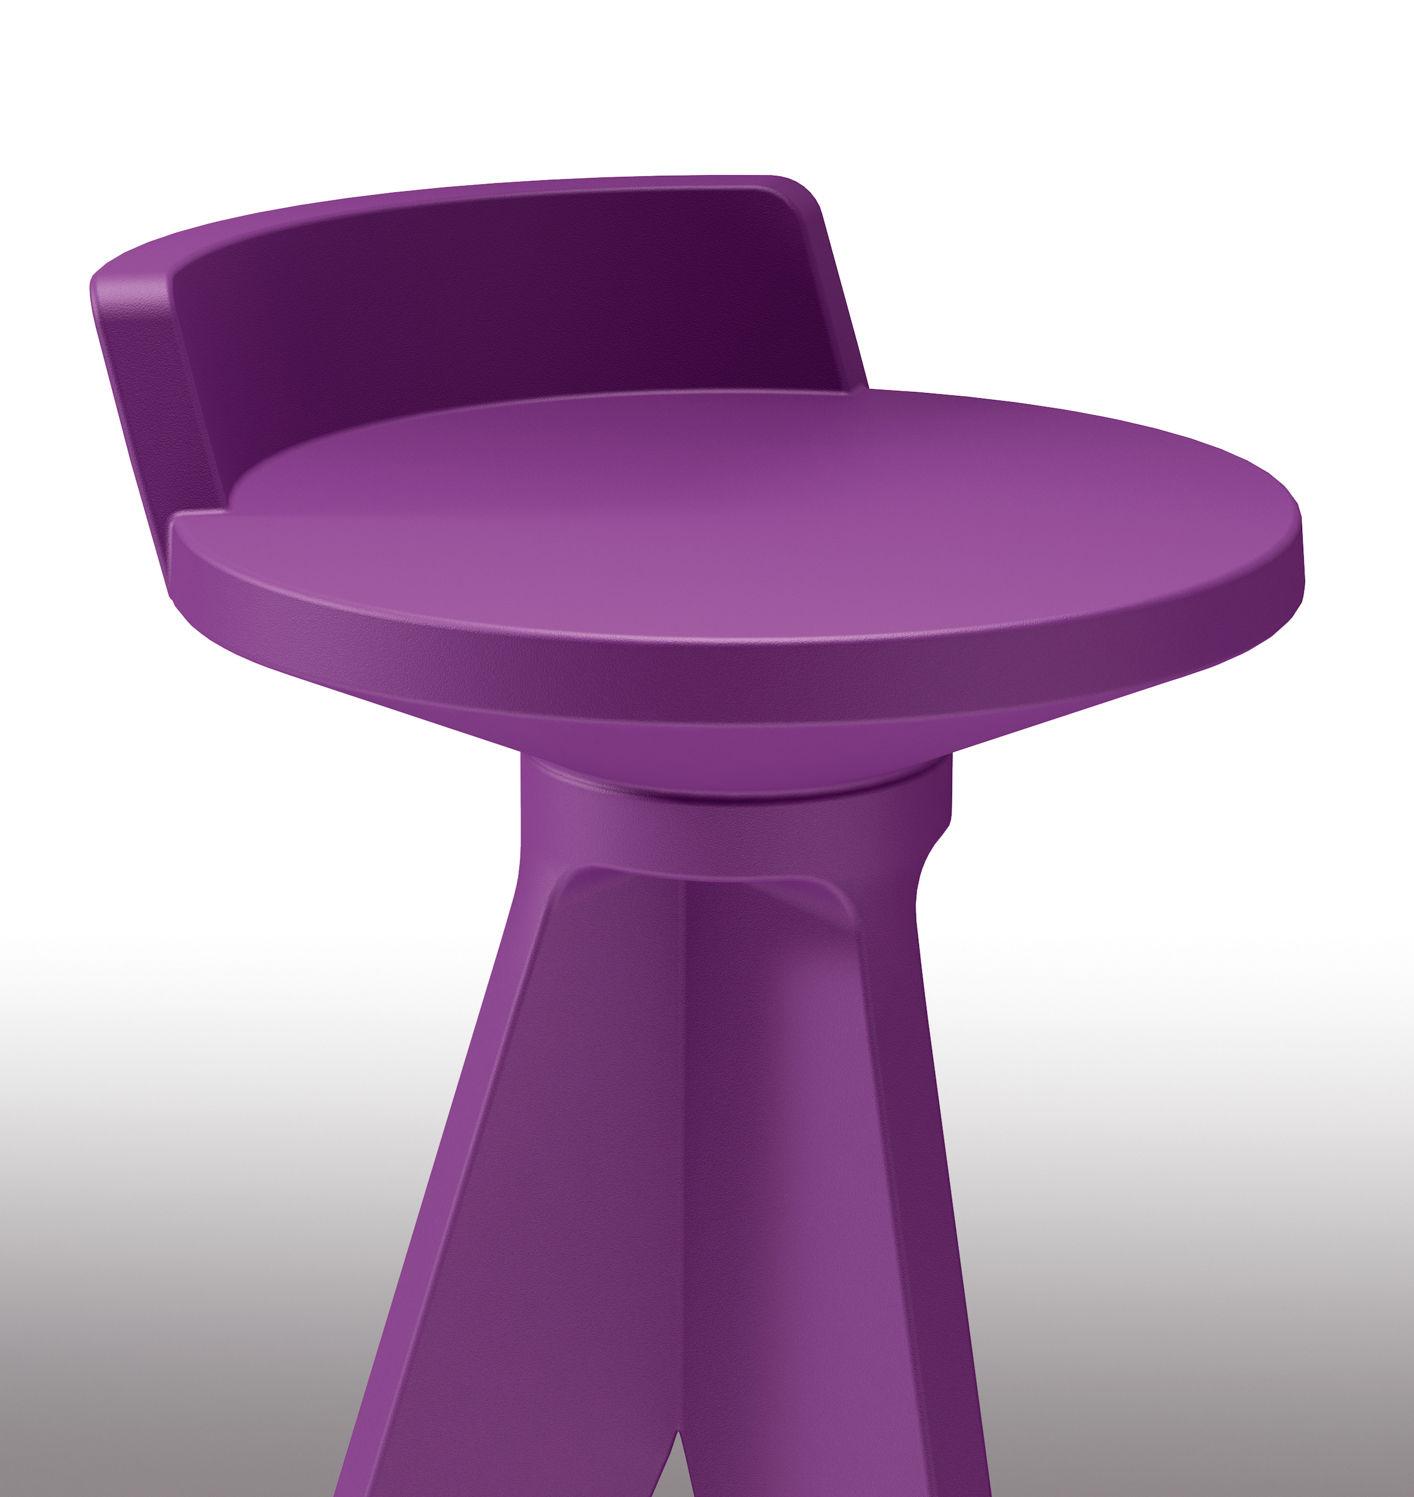 Tabouret de bar oxford h 75 cm plastique violet myyour - Tabouret de bar en plastique ...